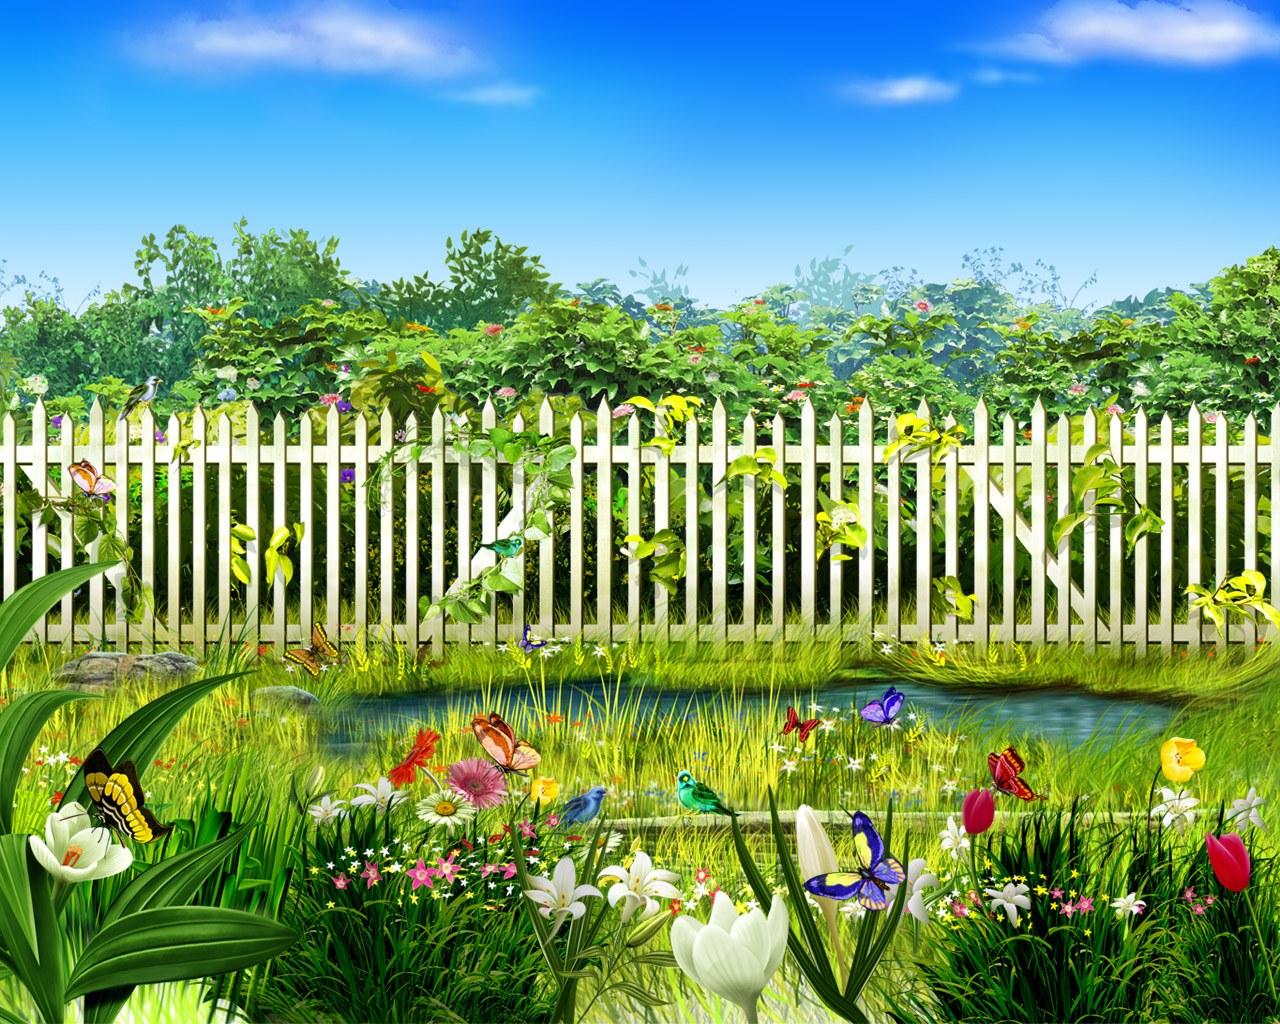 луг сад дворик трава  № 2691581 бесплатно